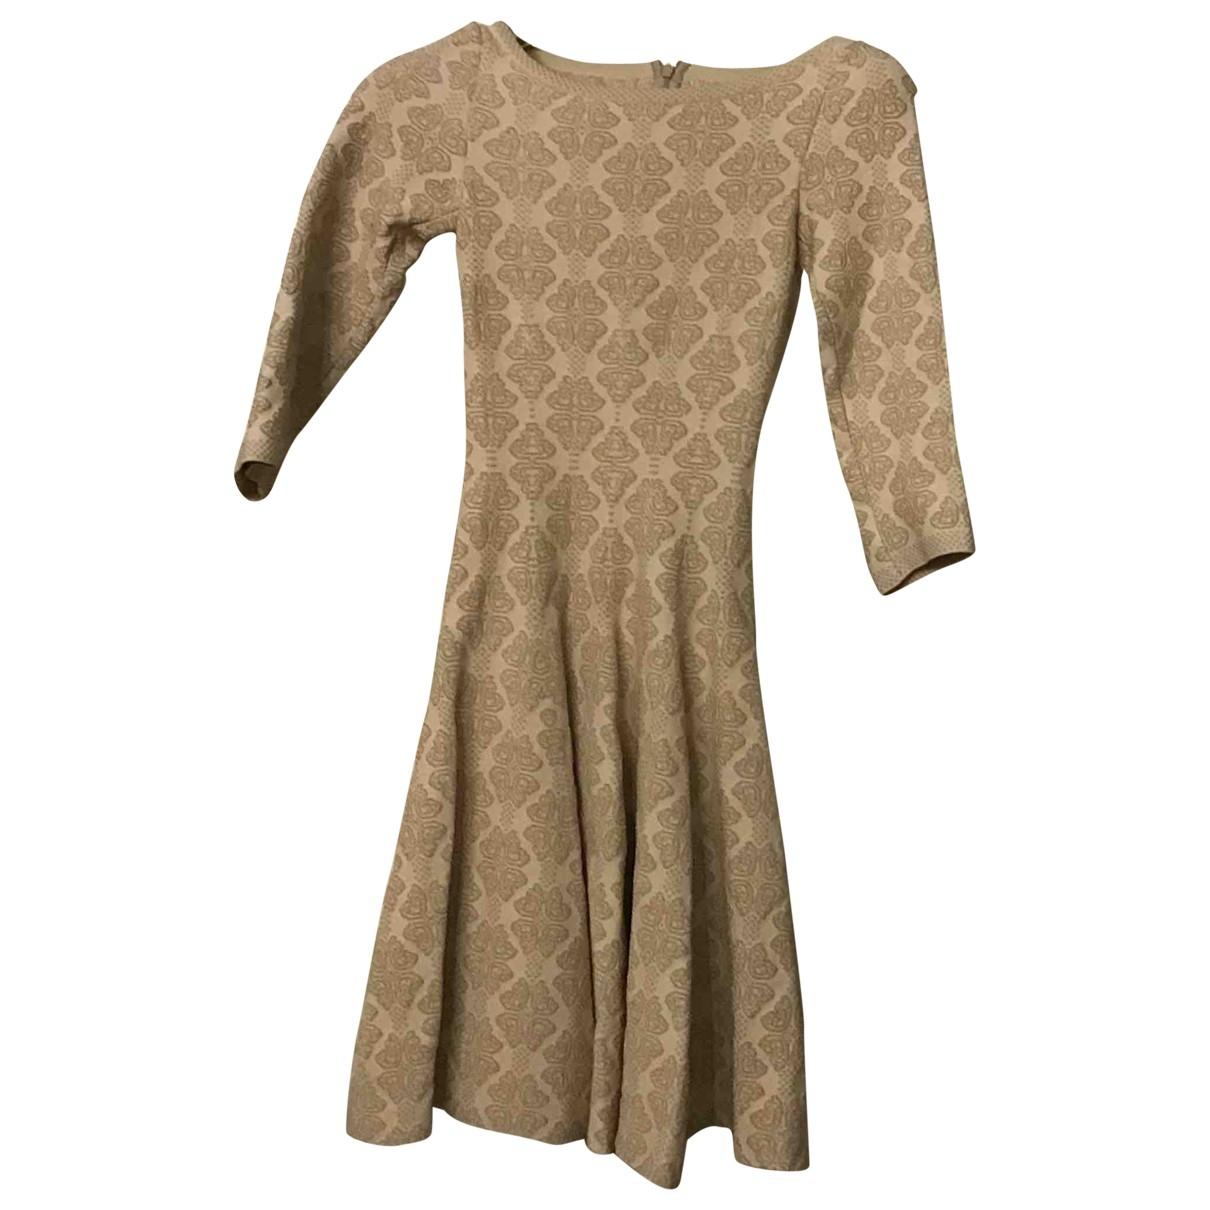 Alaïa \N Beige dress for Women 36 IT